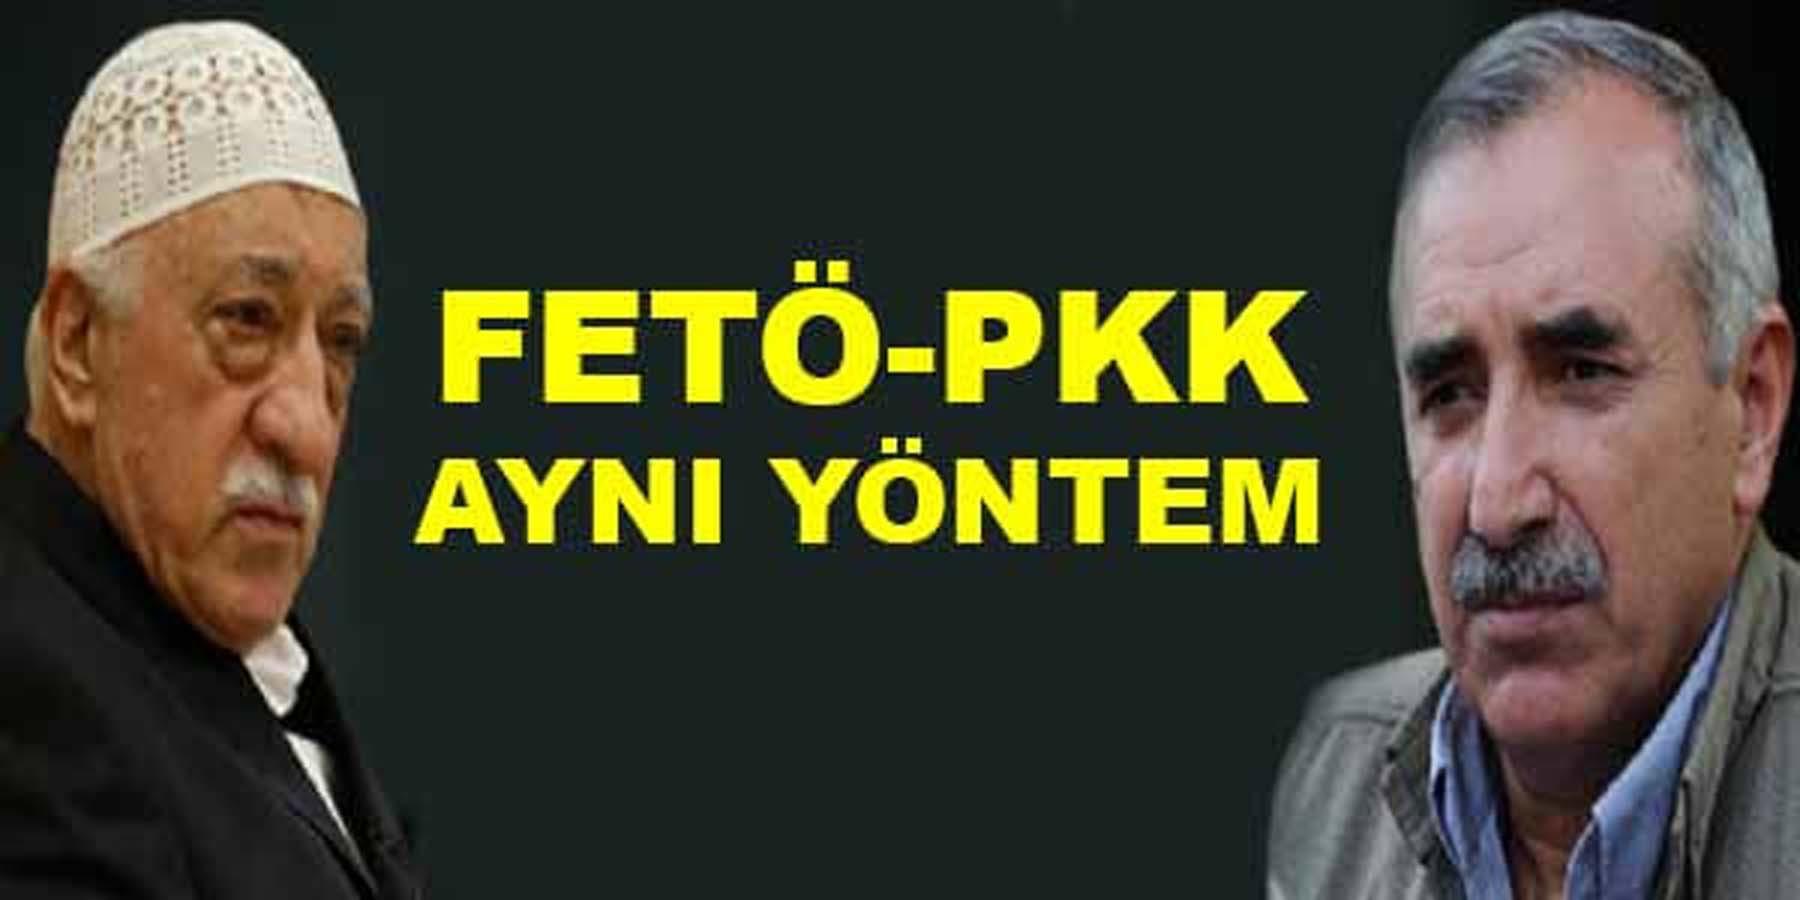 PKK İle FETÖ 'nün Yöntemi Aynı